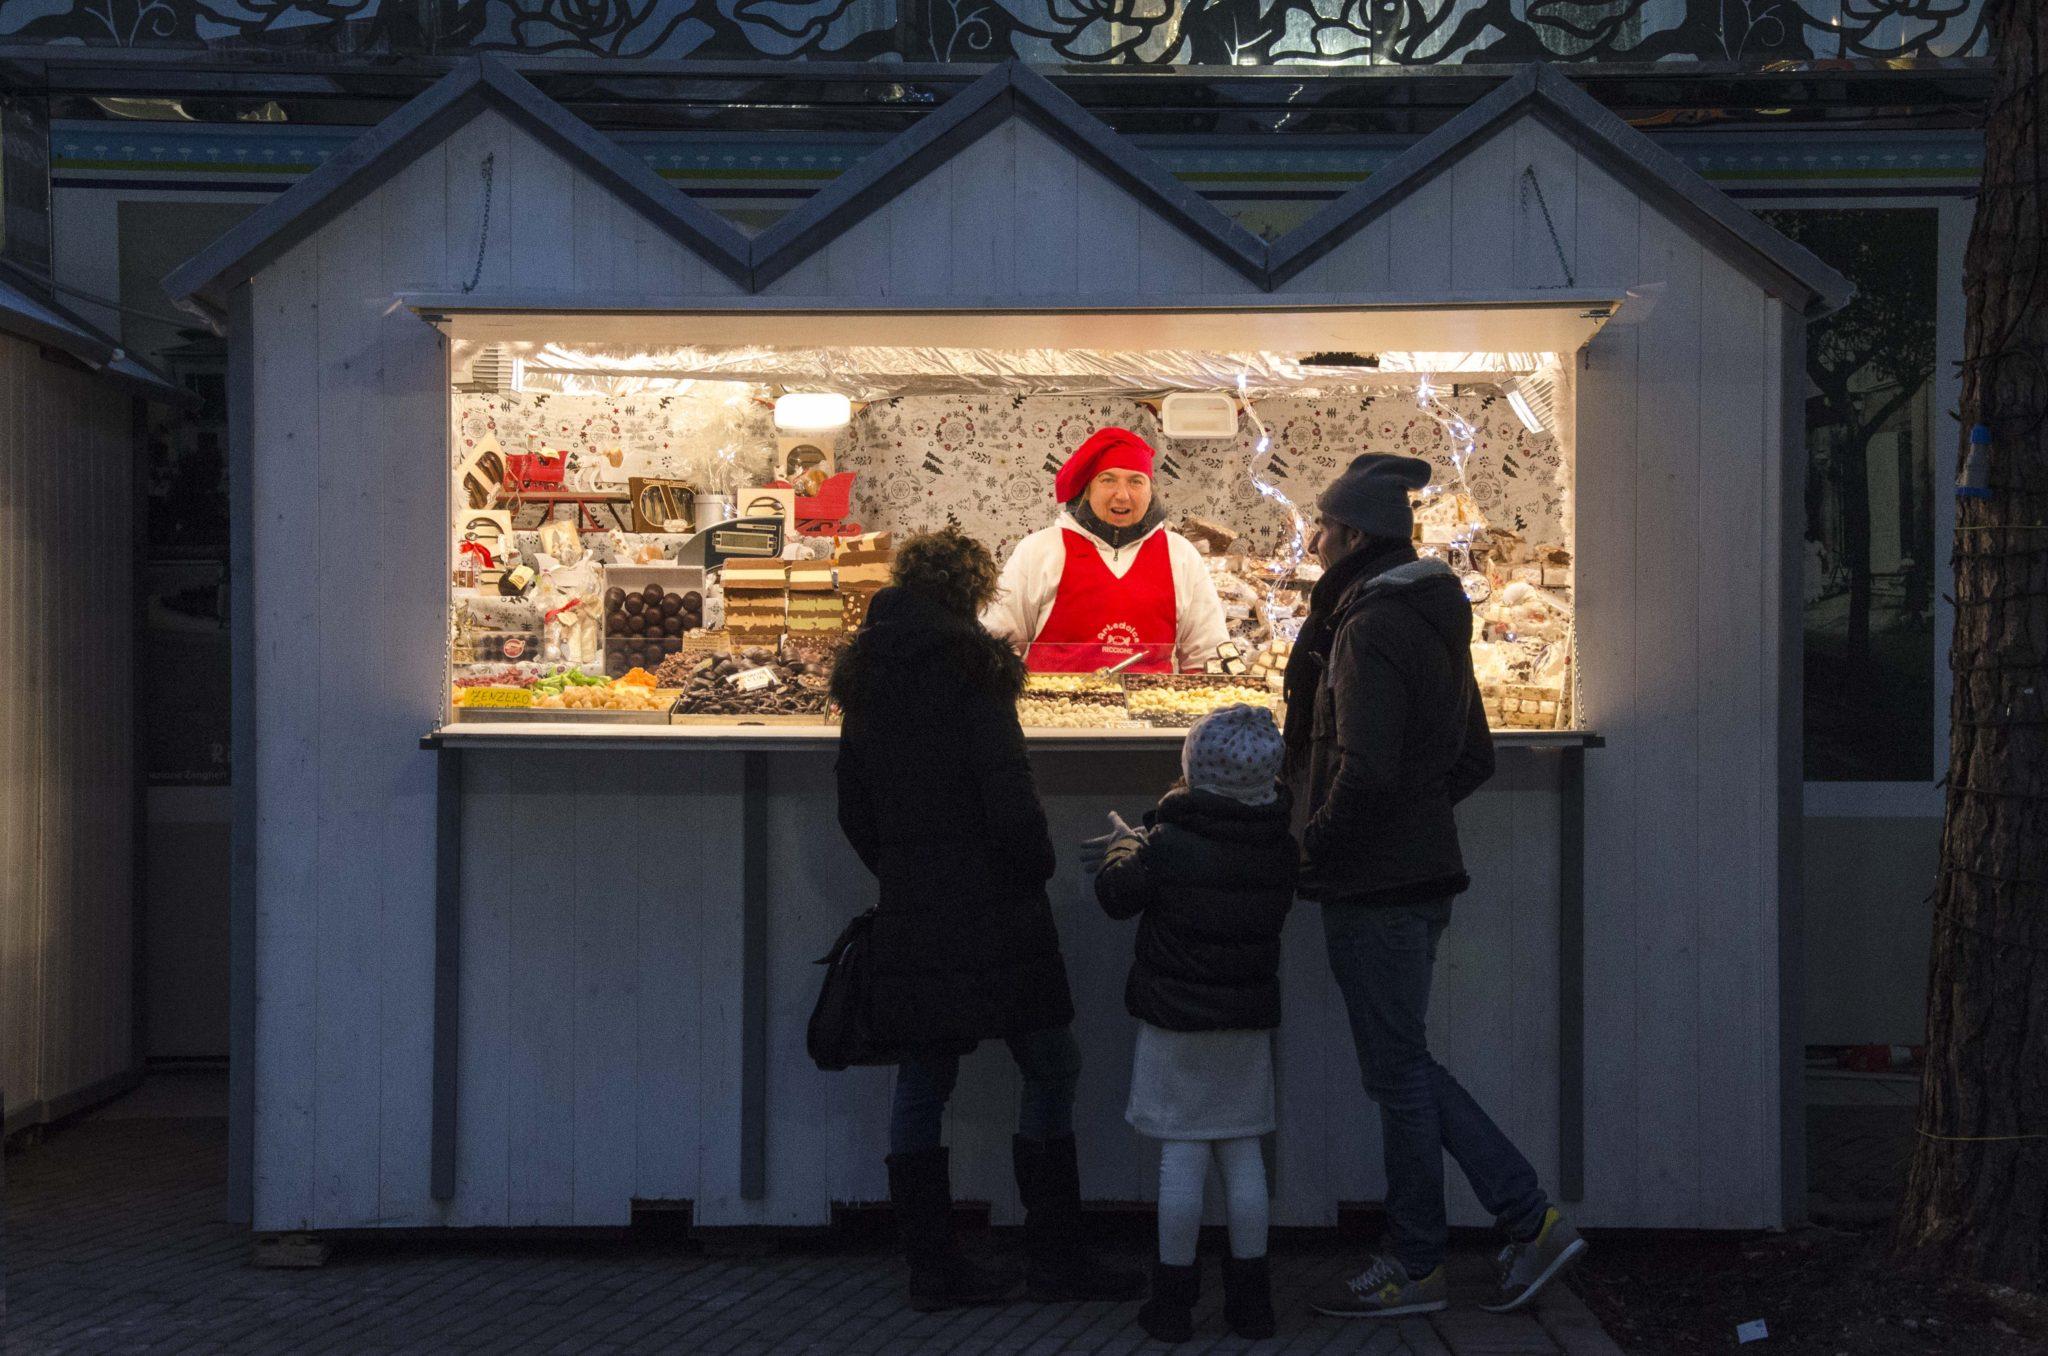 Natale a Riccione: il regno delle vacanze al mare, a dicembre diventa il regno delle feste. Piste di ghiaccio, concerti, Babbo Natale e altre superstar.